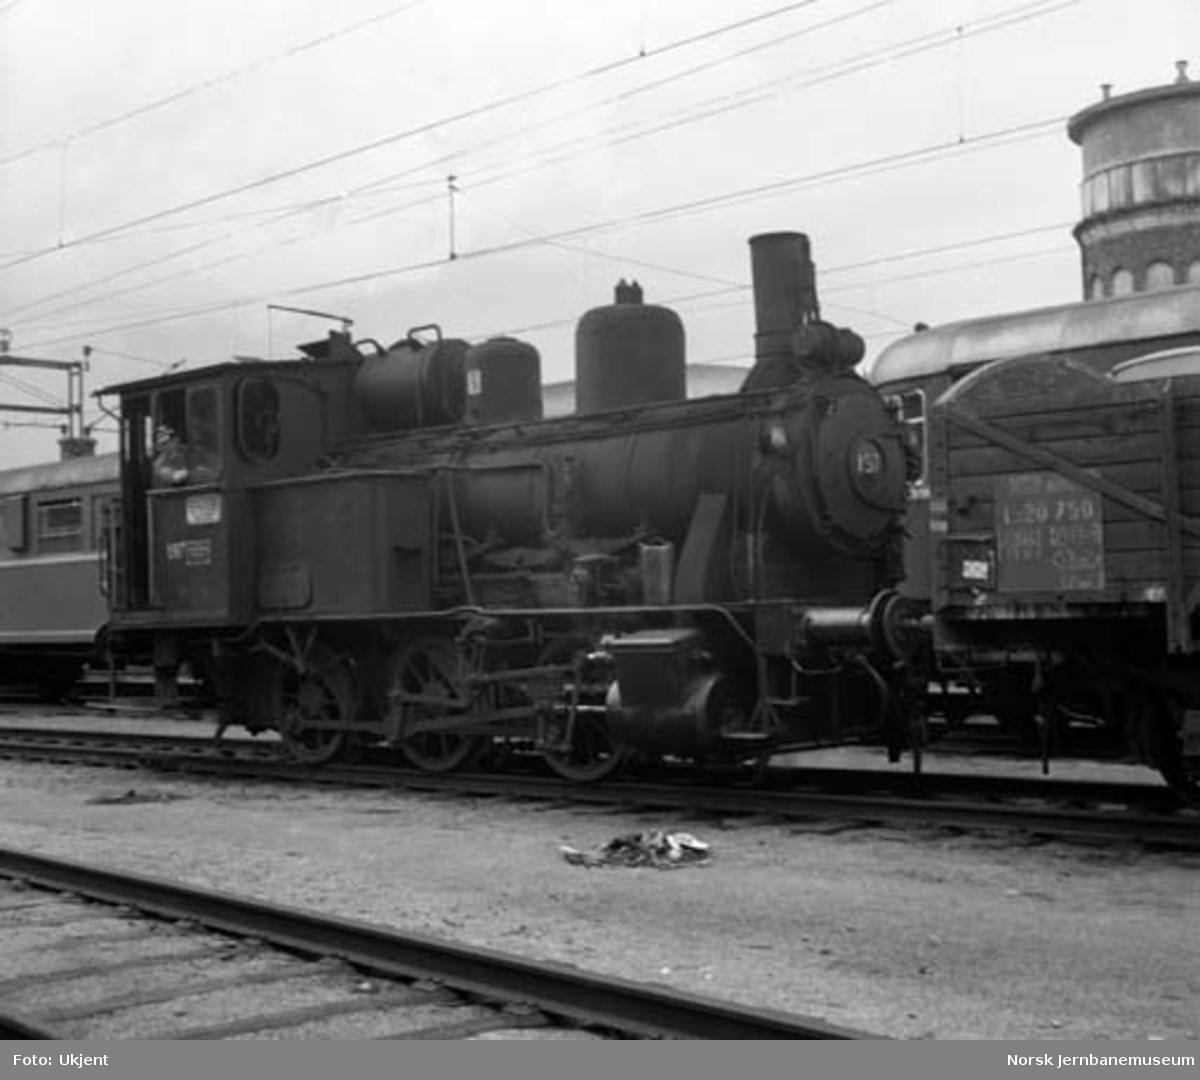 Damplokomotiv type 25a 197